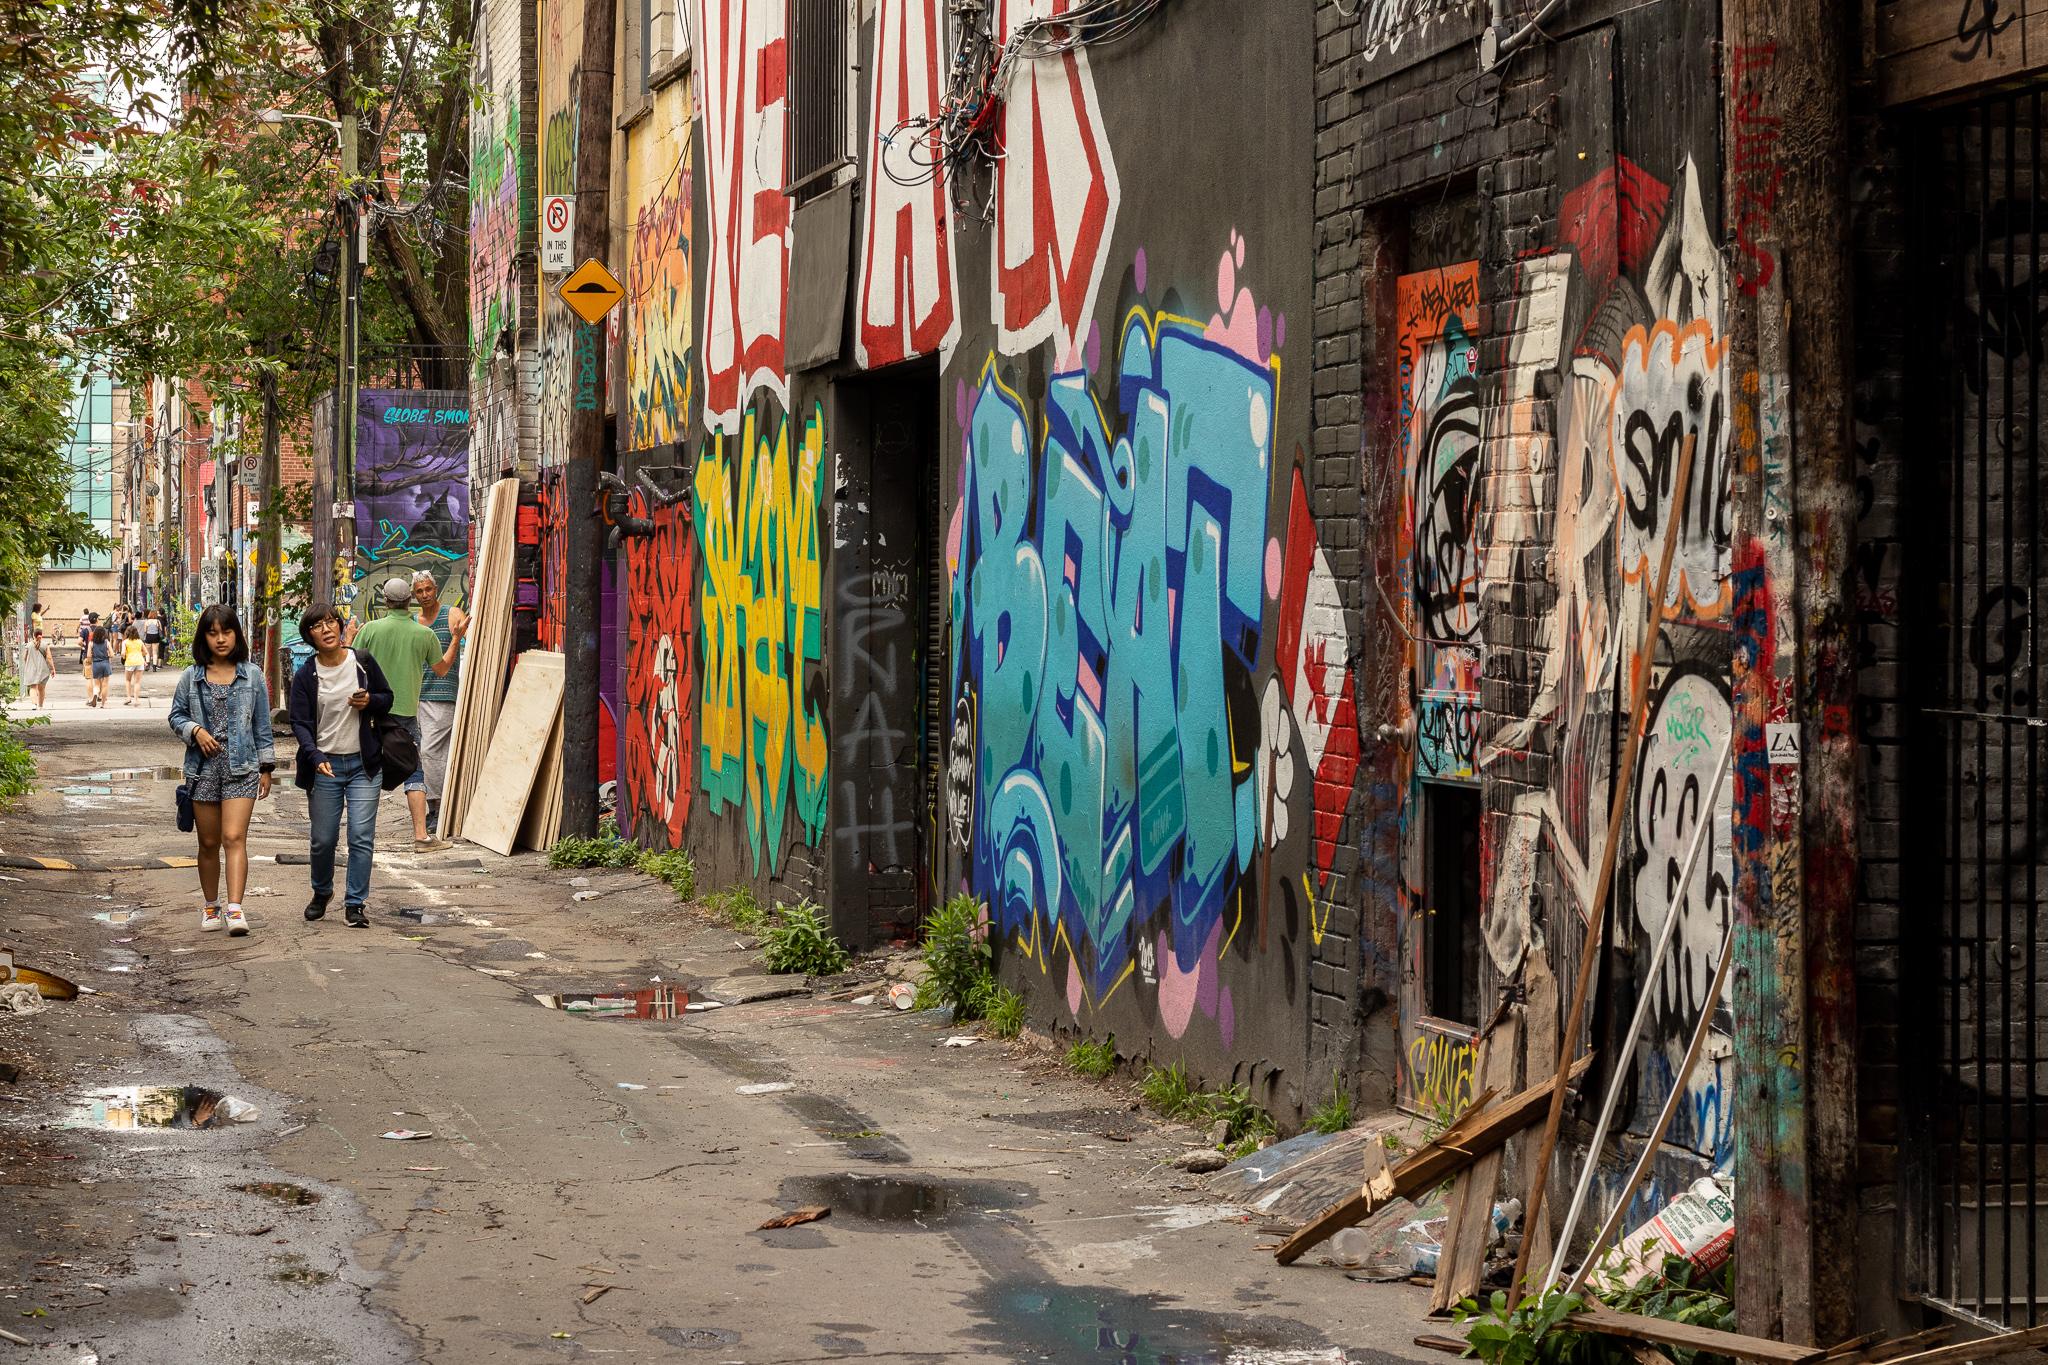 Die Graffiti Alley - hier ist die Streetart legal und zieht viele Touristen an.